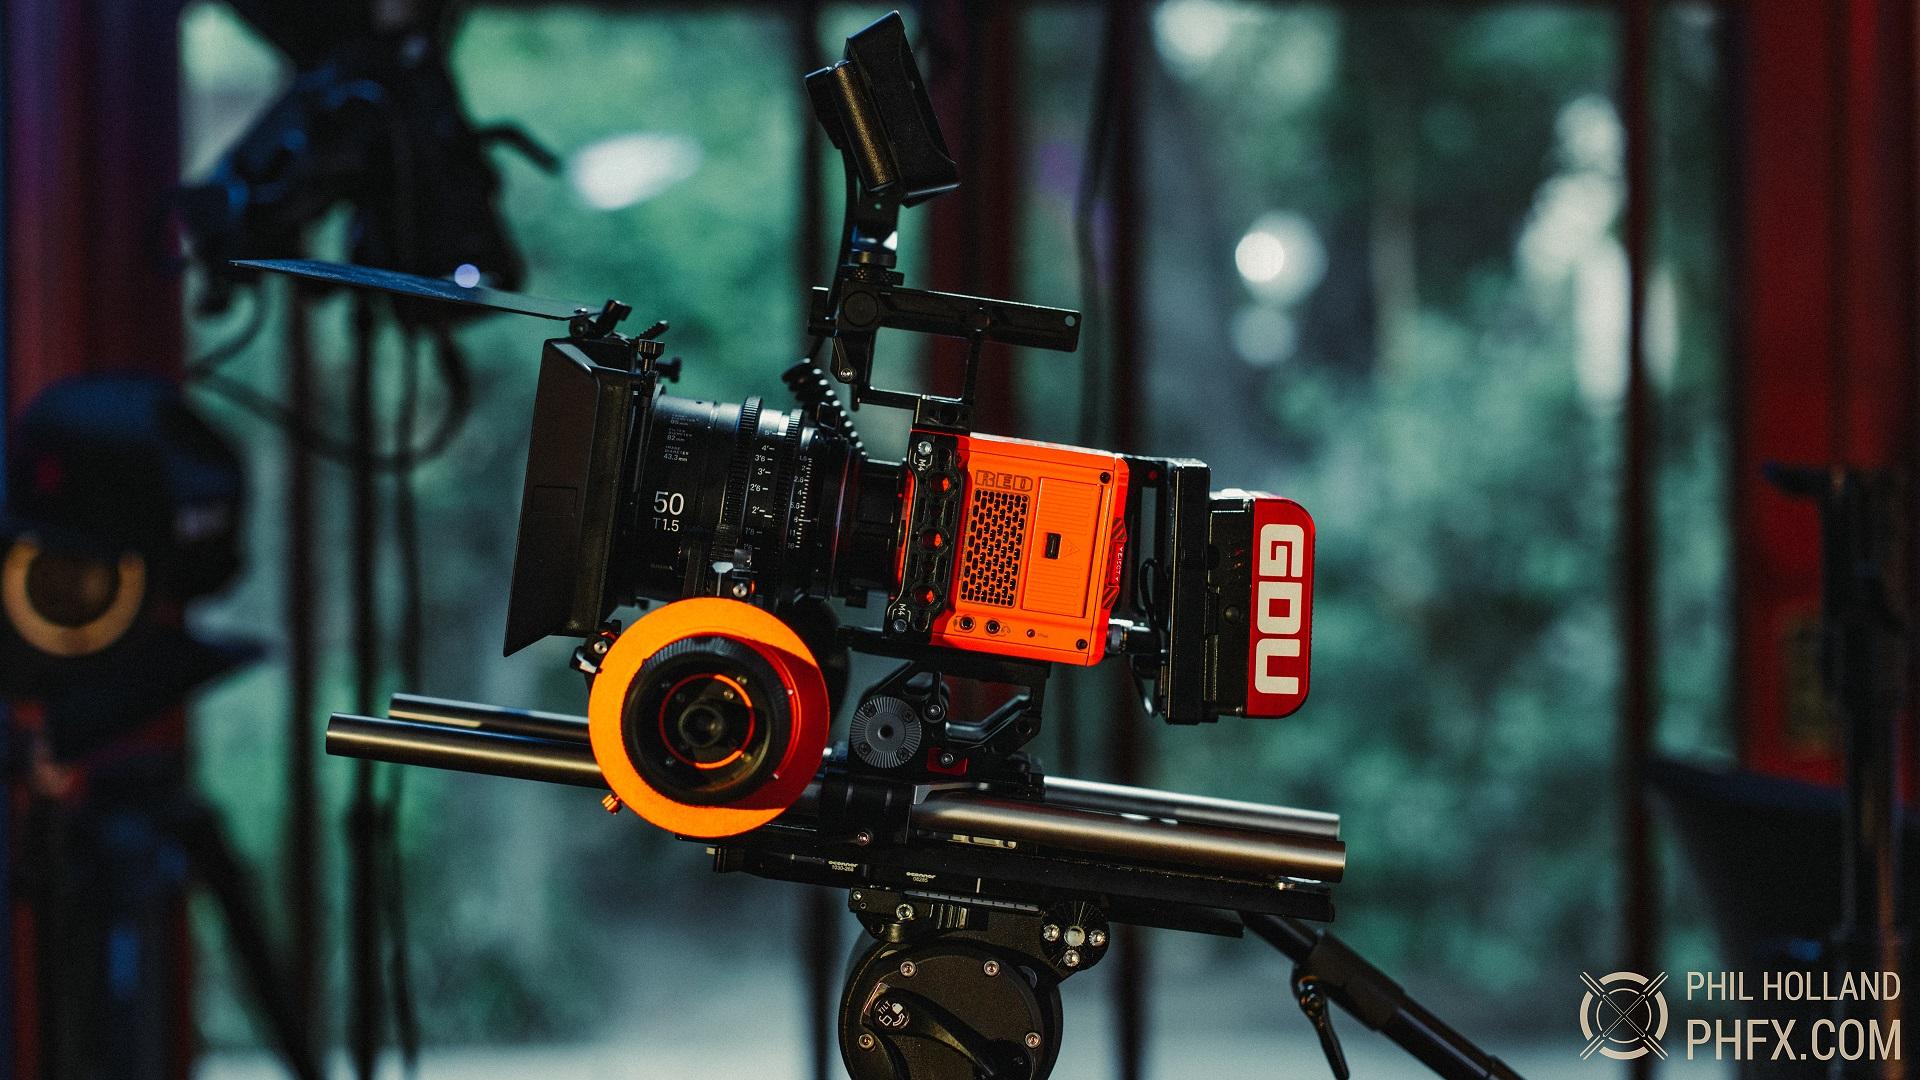 Actualización de la cámara RED Komodo - Las primeras cámaras enviadas, accesorios y muestras de video